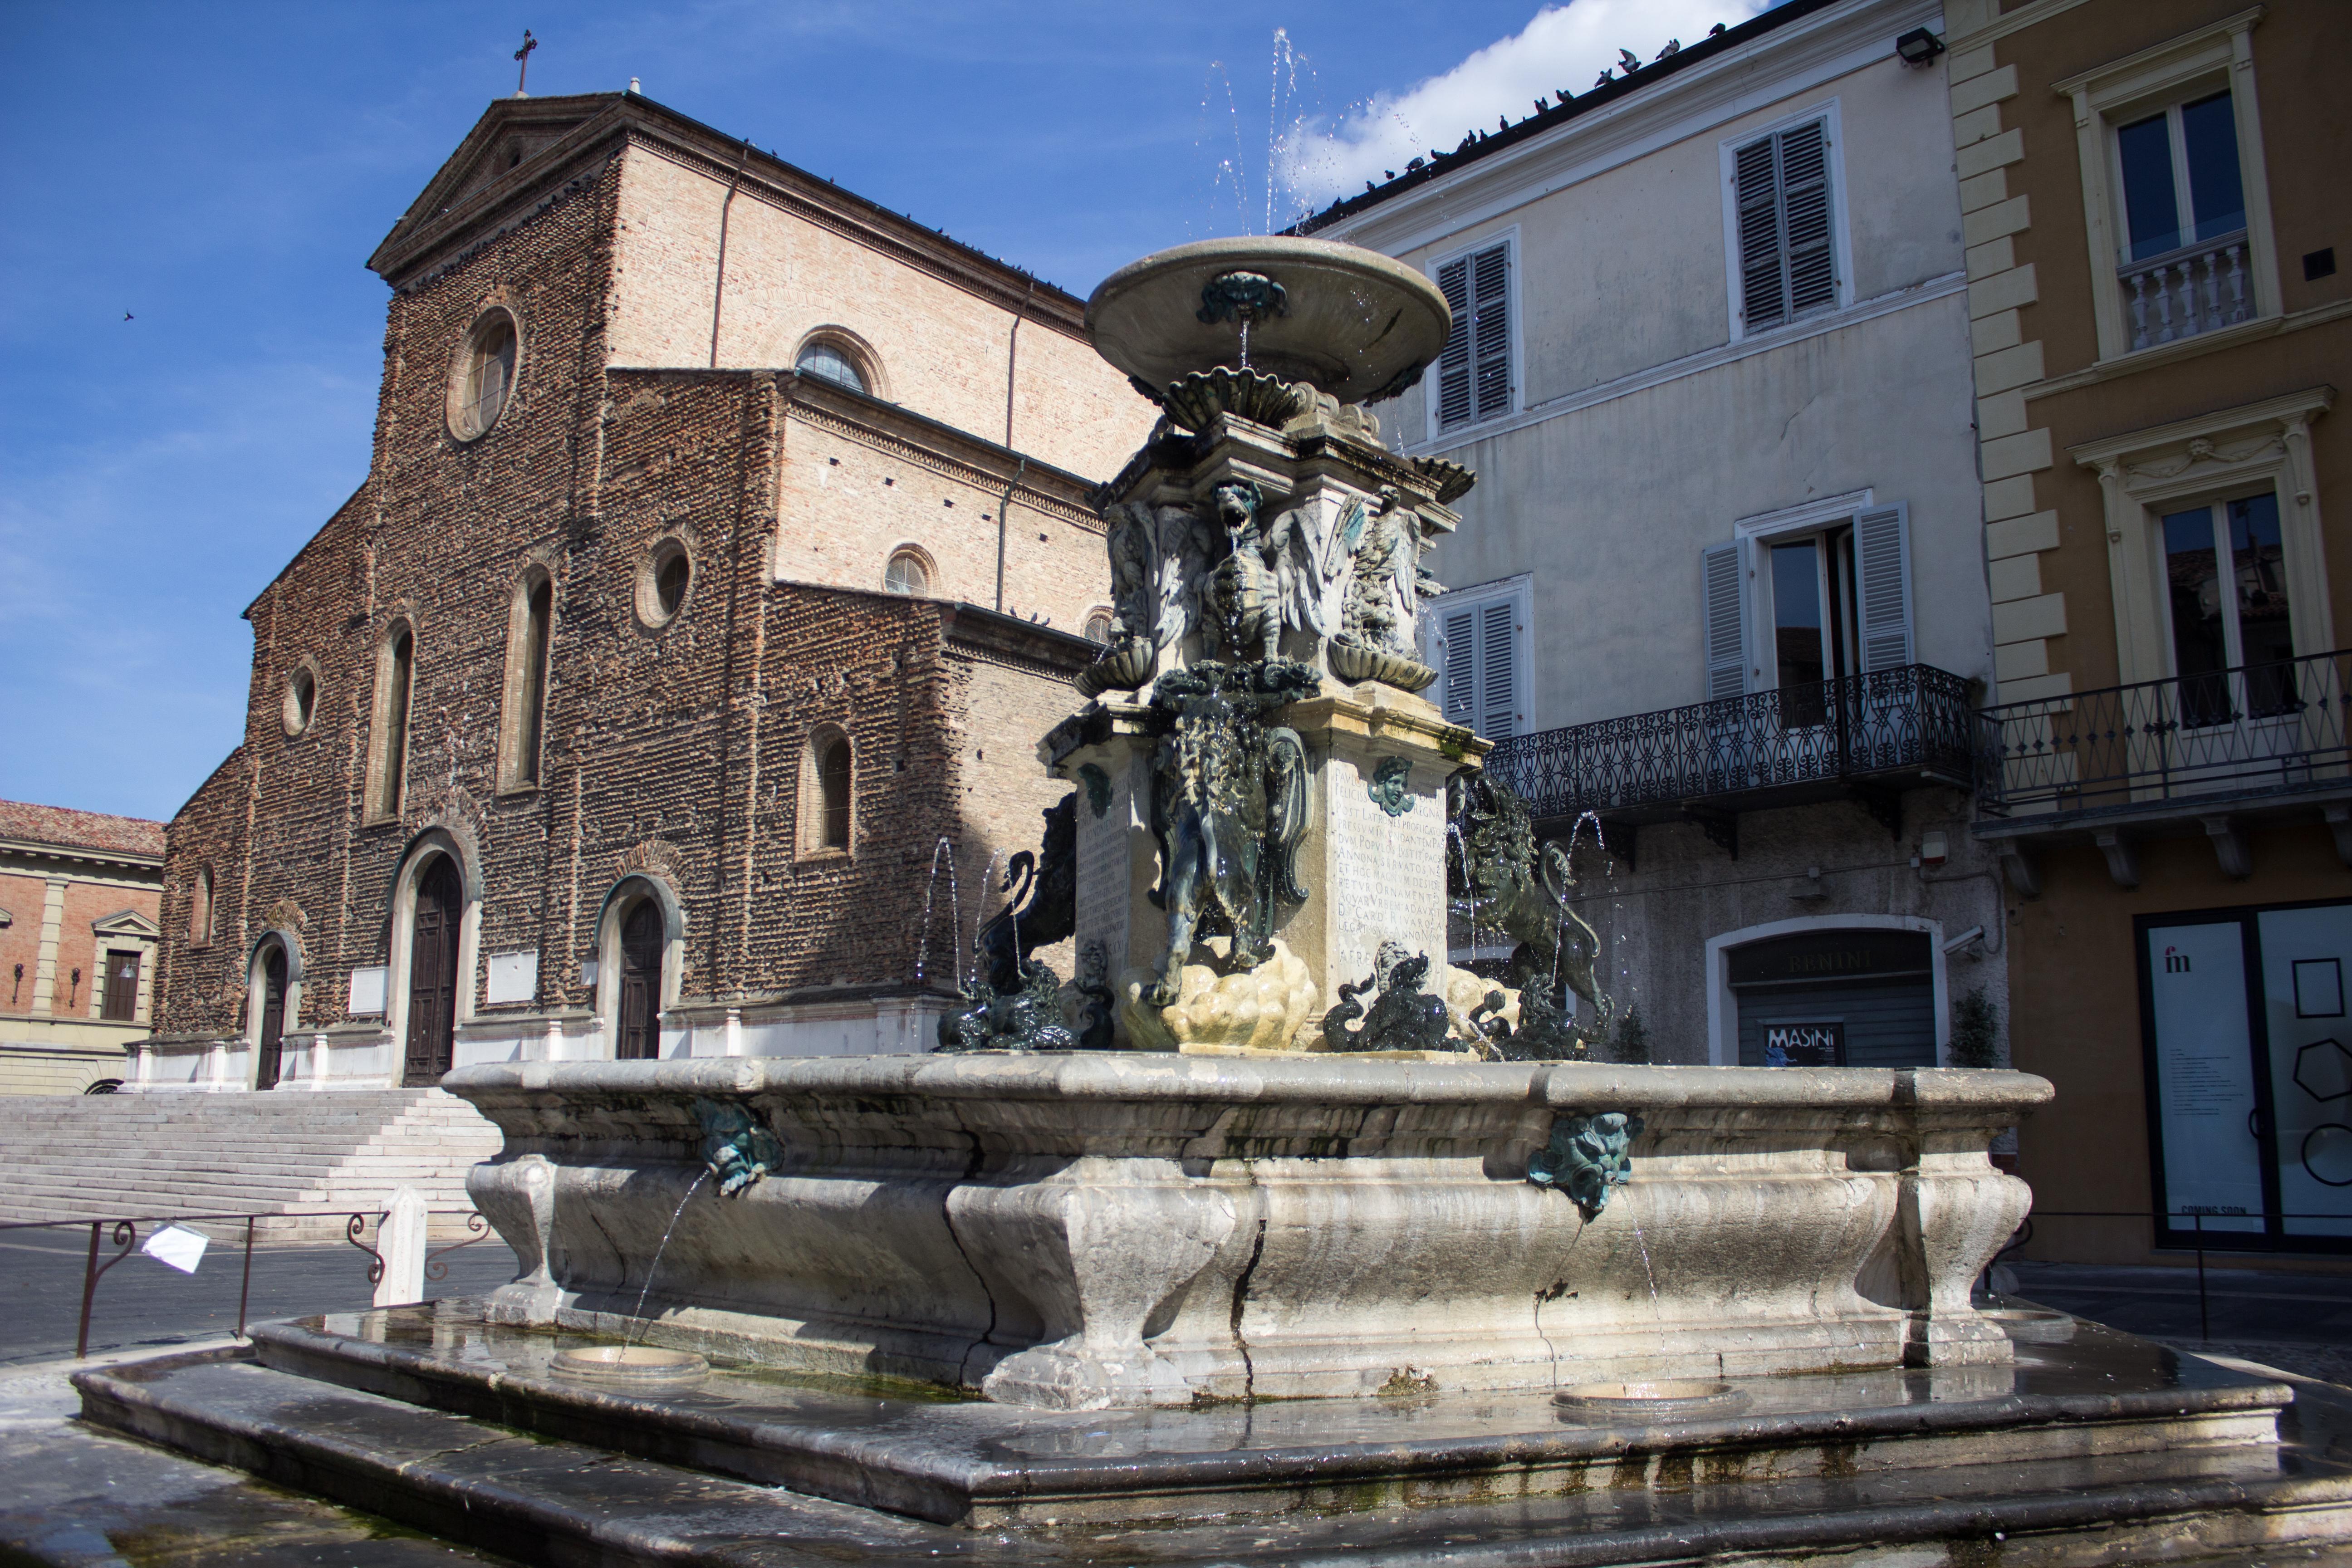 Fontana monumentale posta davanti al Duomo Duomo di Faenza · Chiesa della menda